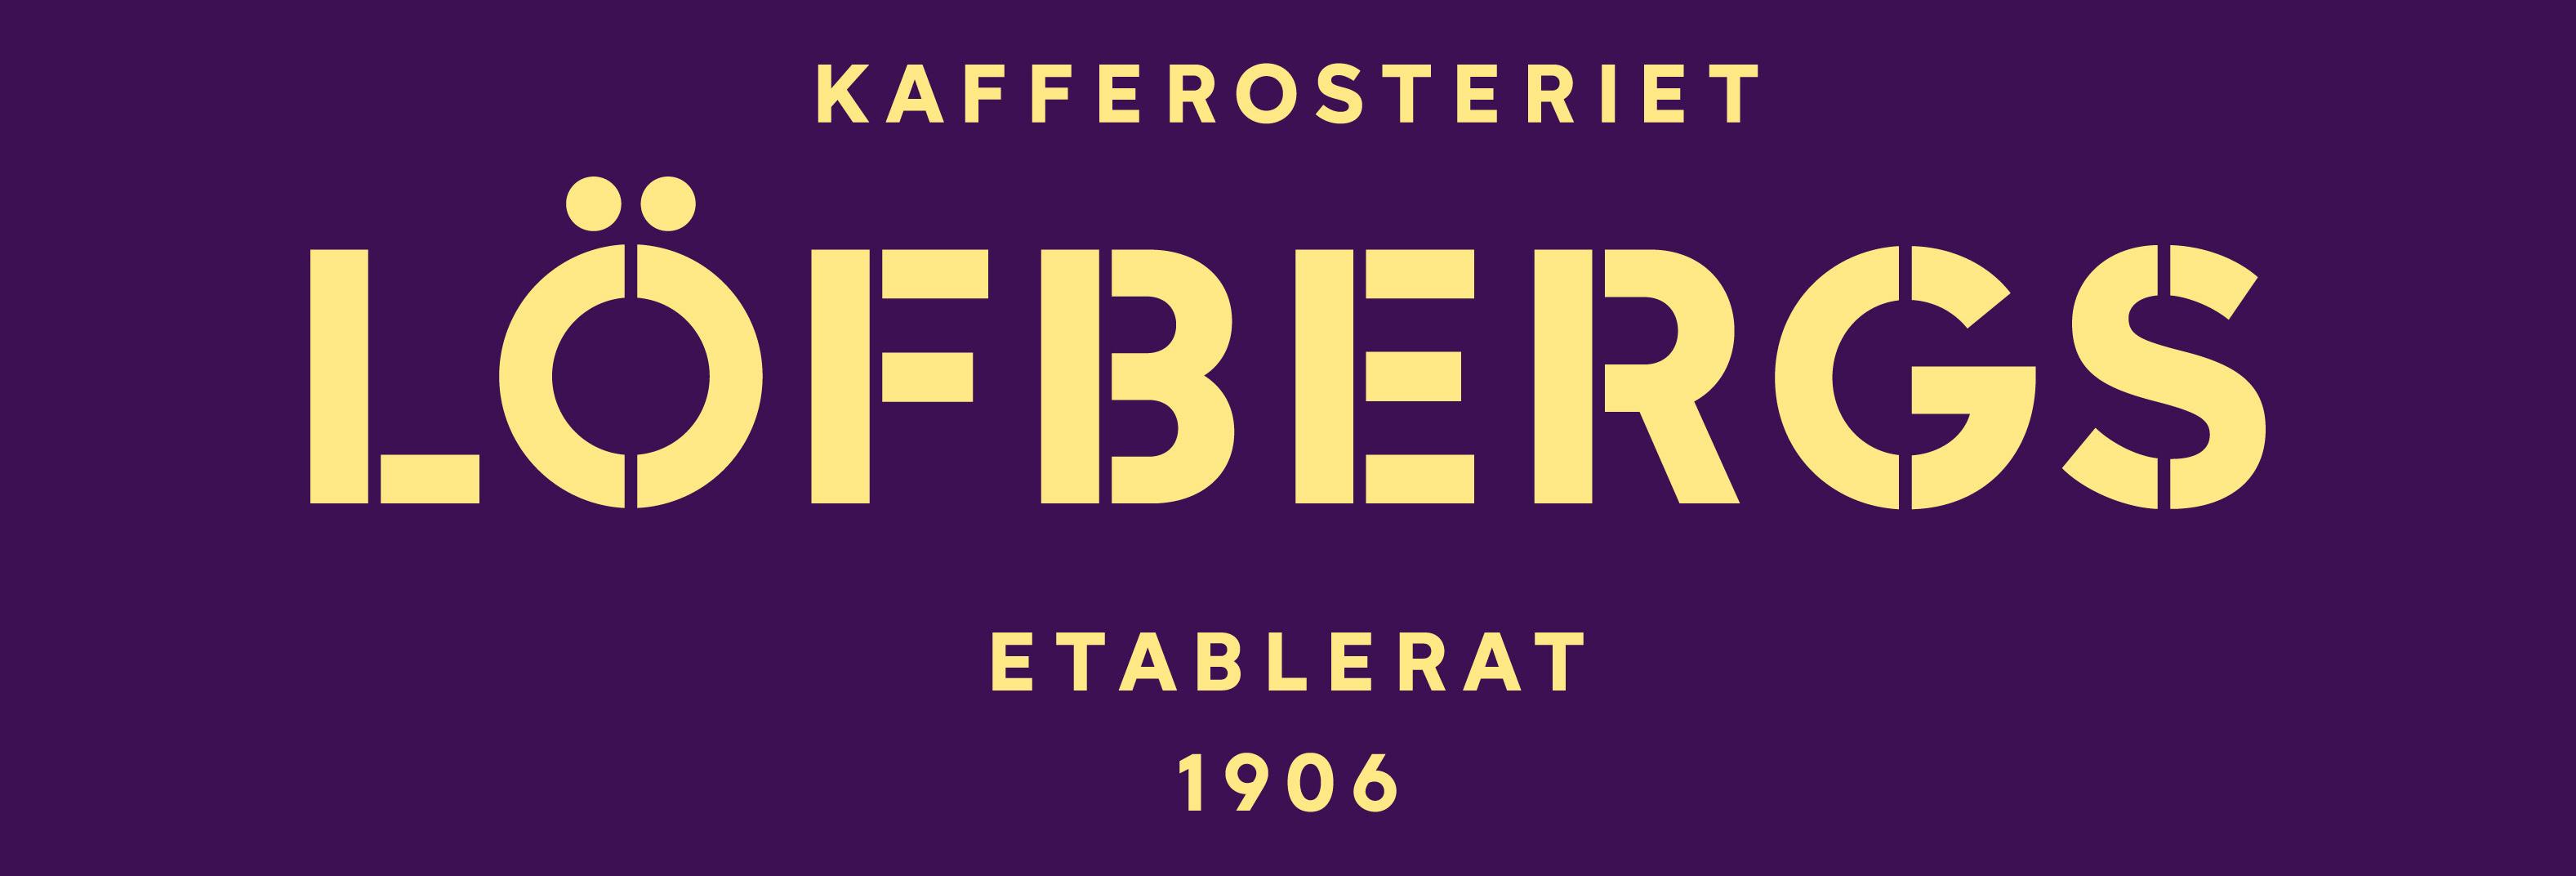 AALöfbergs